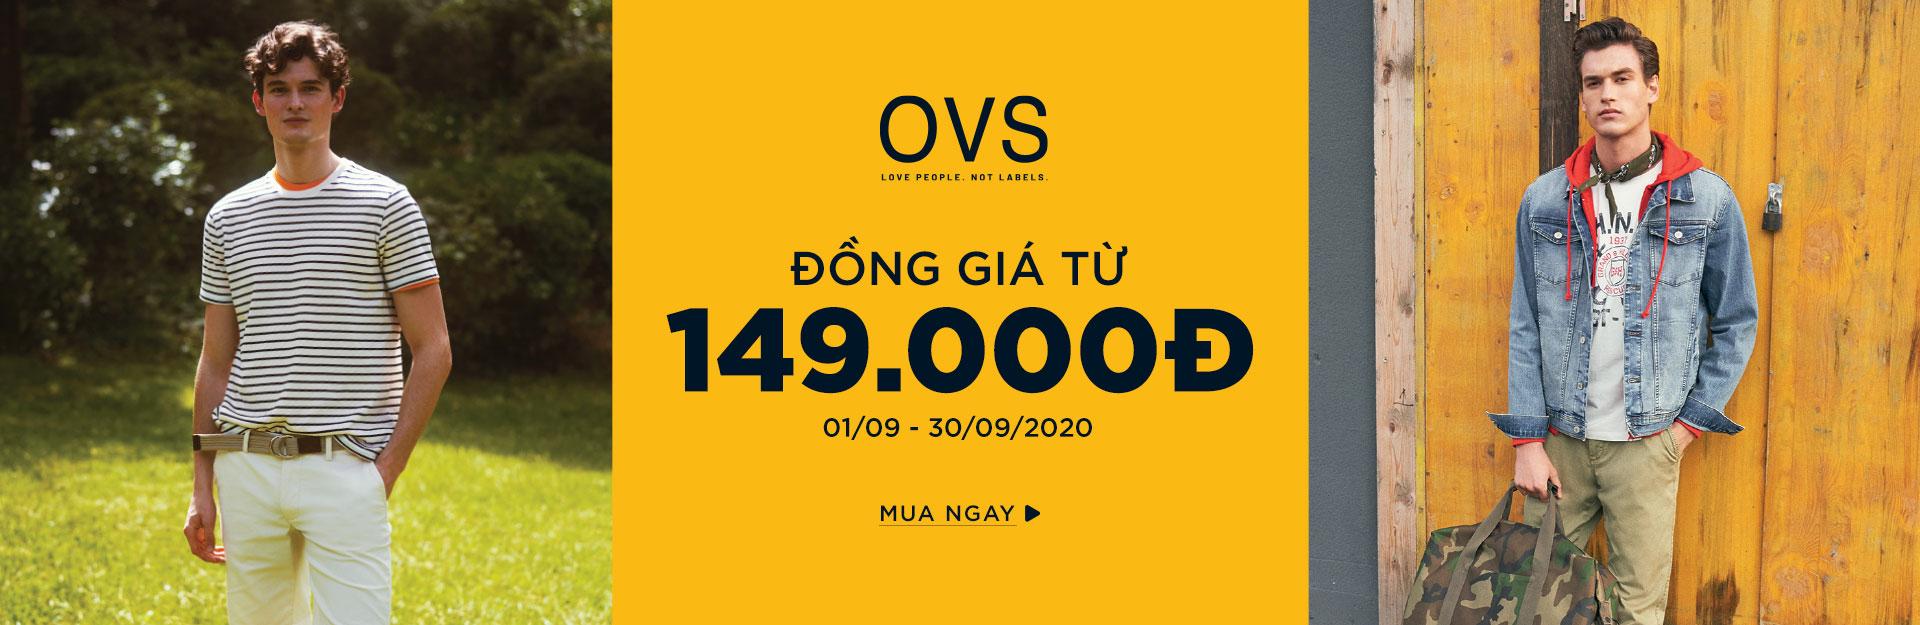 OVS đồng giá 149.000đ